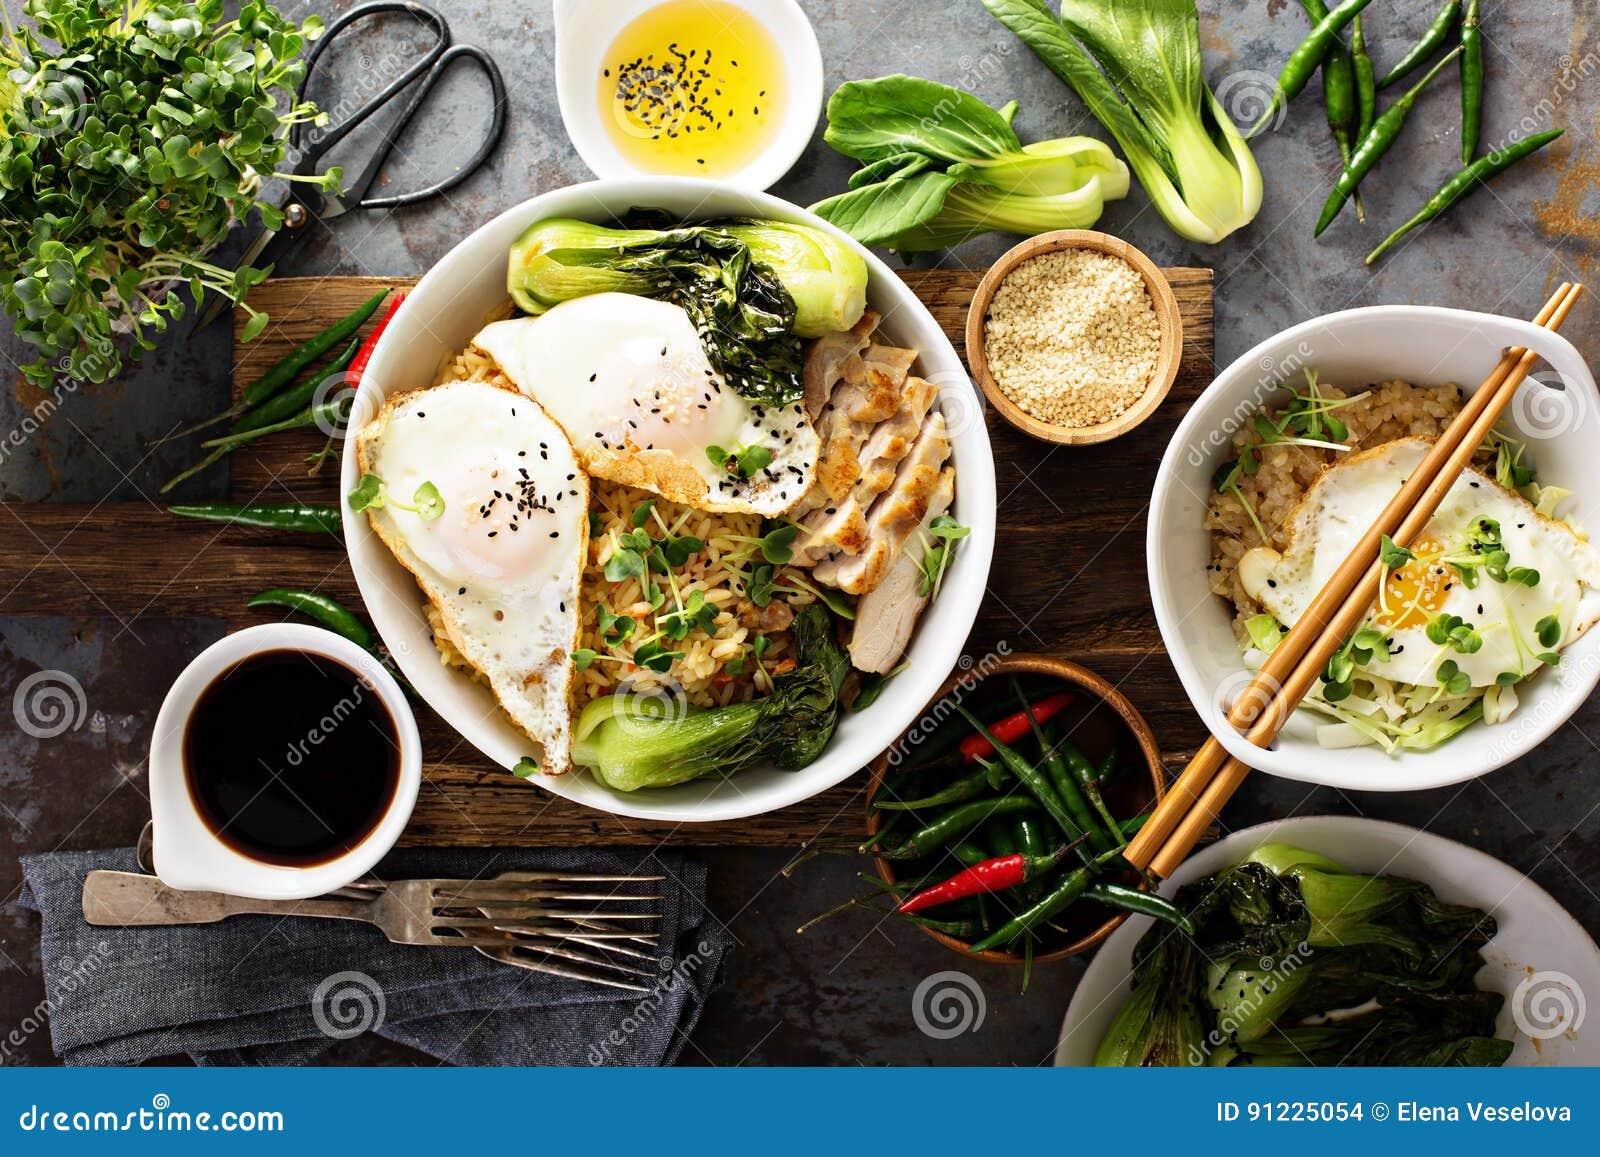 Asiatisches Lebensmittelkonzept mit gebratenem Reis, Baby bok choy